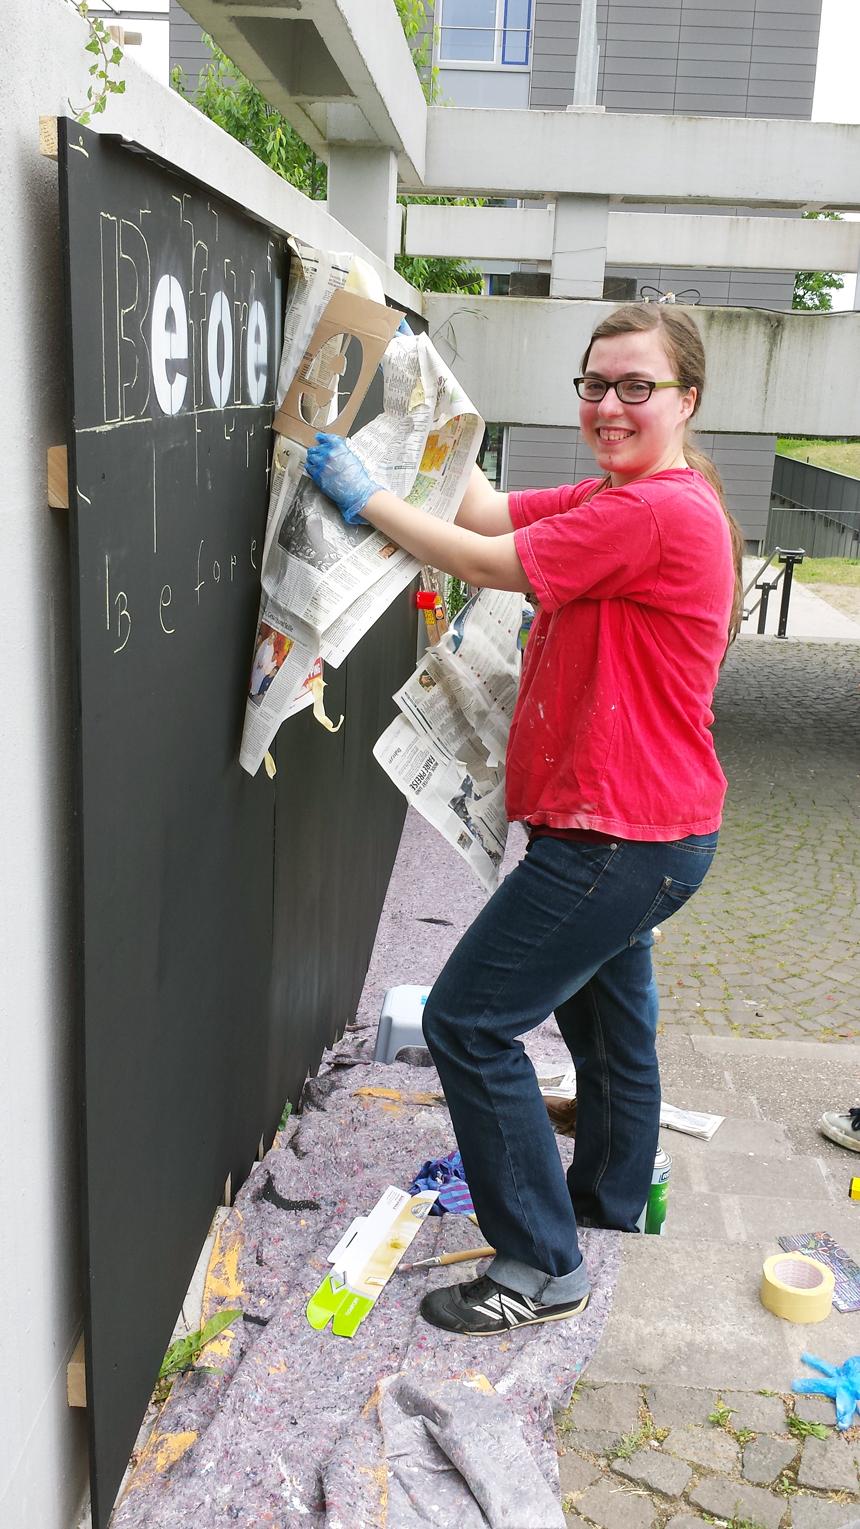 Dorothee Weber hilft, die Tafel anzubringen. Foto: Greb